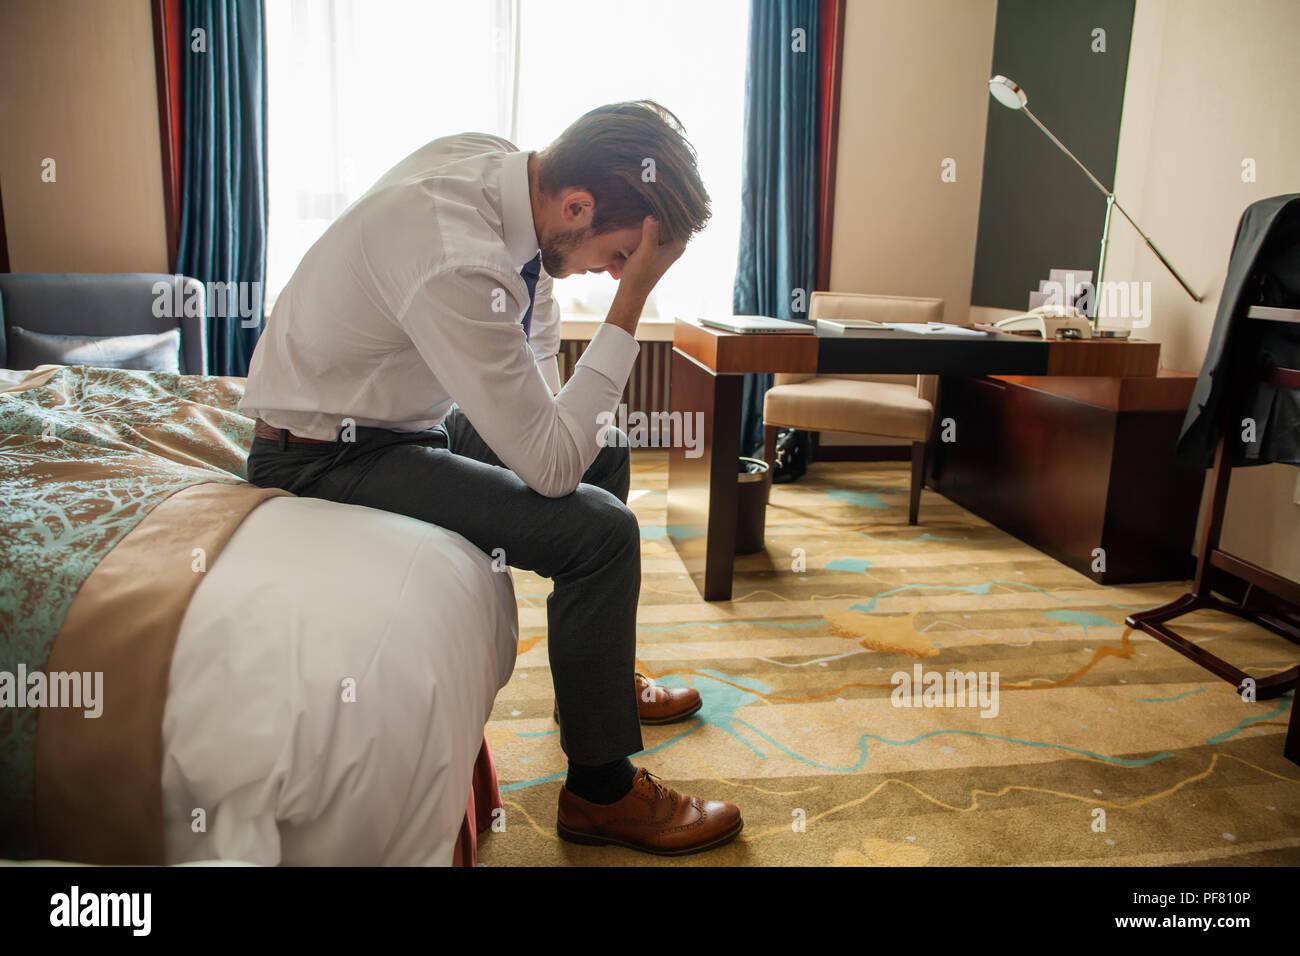 Frustrado joven con traje formal sentada en la cama además de bolsa de equipaje. Empresario pensar acerca de problemas en los negocios o en el hogar, no se siente bien, perdió su empleo, relaciones o el estrés relacionado con el trabajo Imagen De Stock